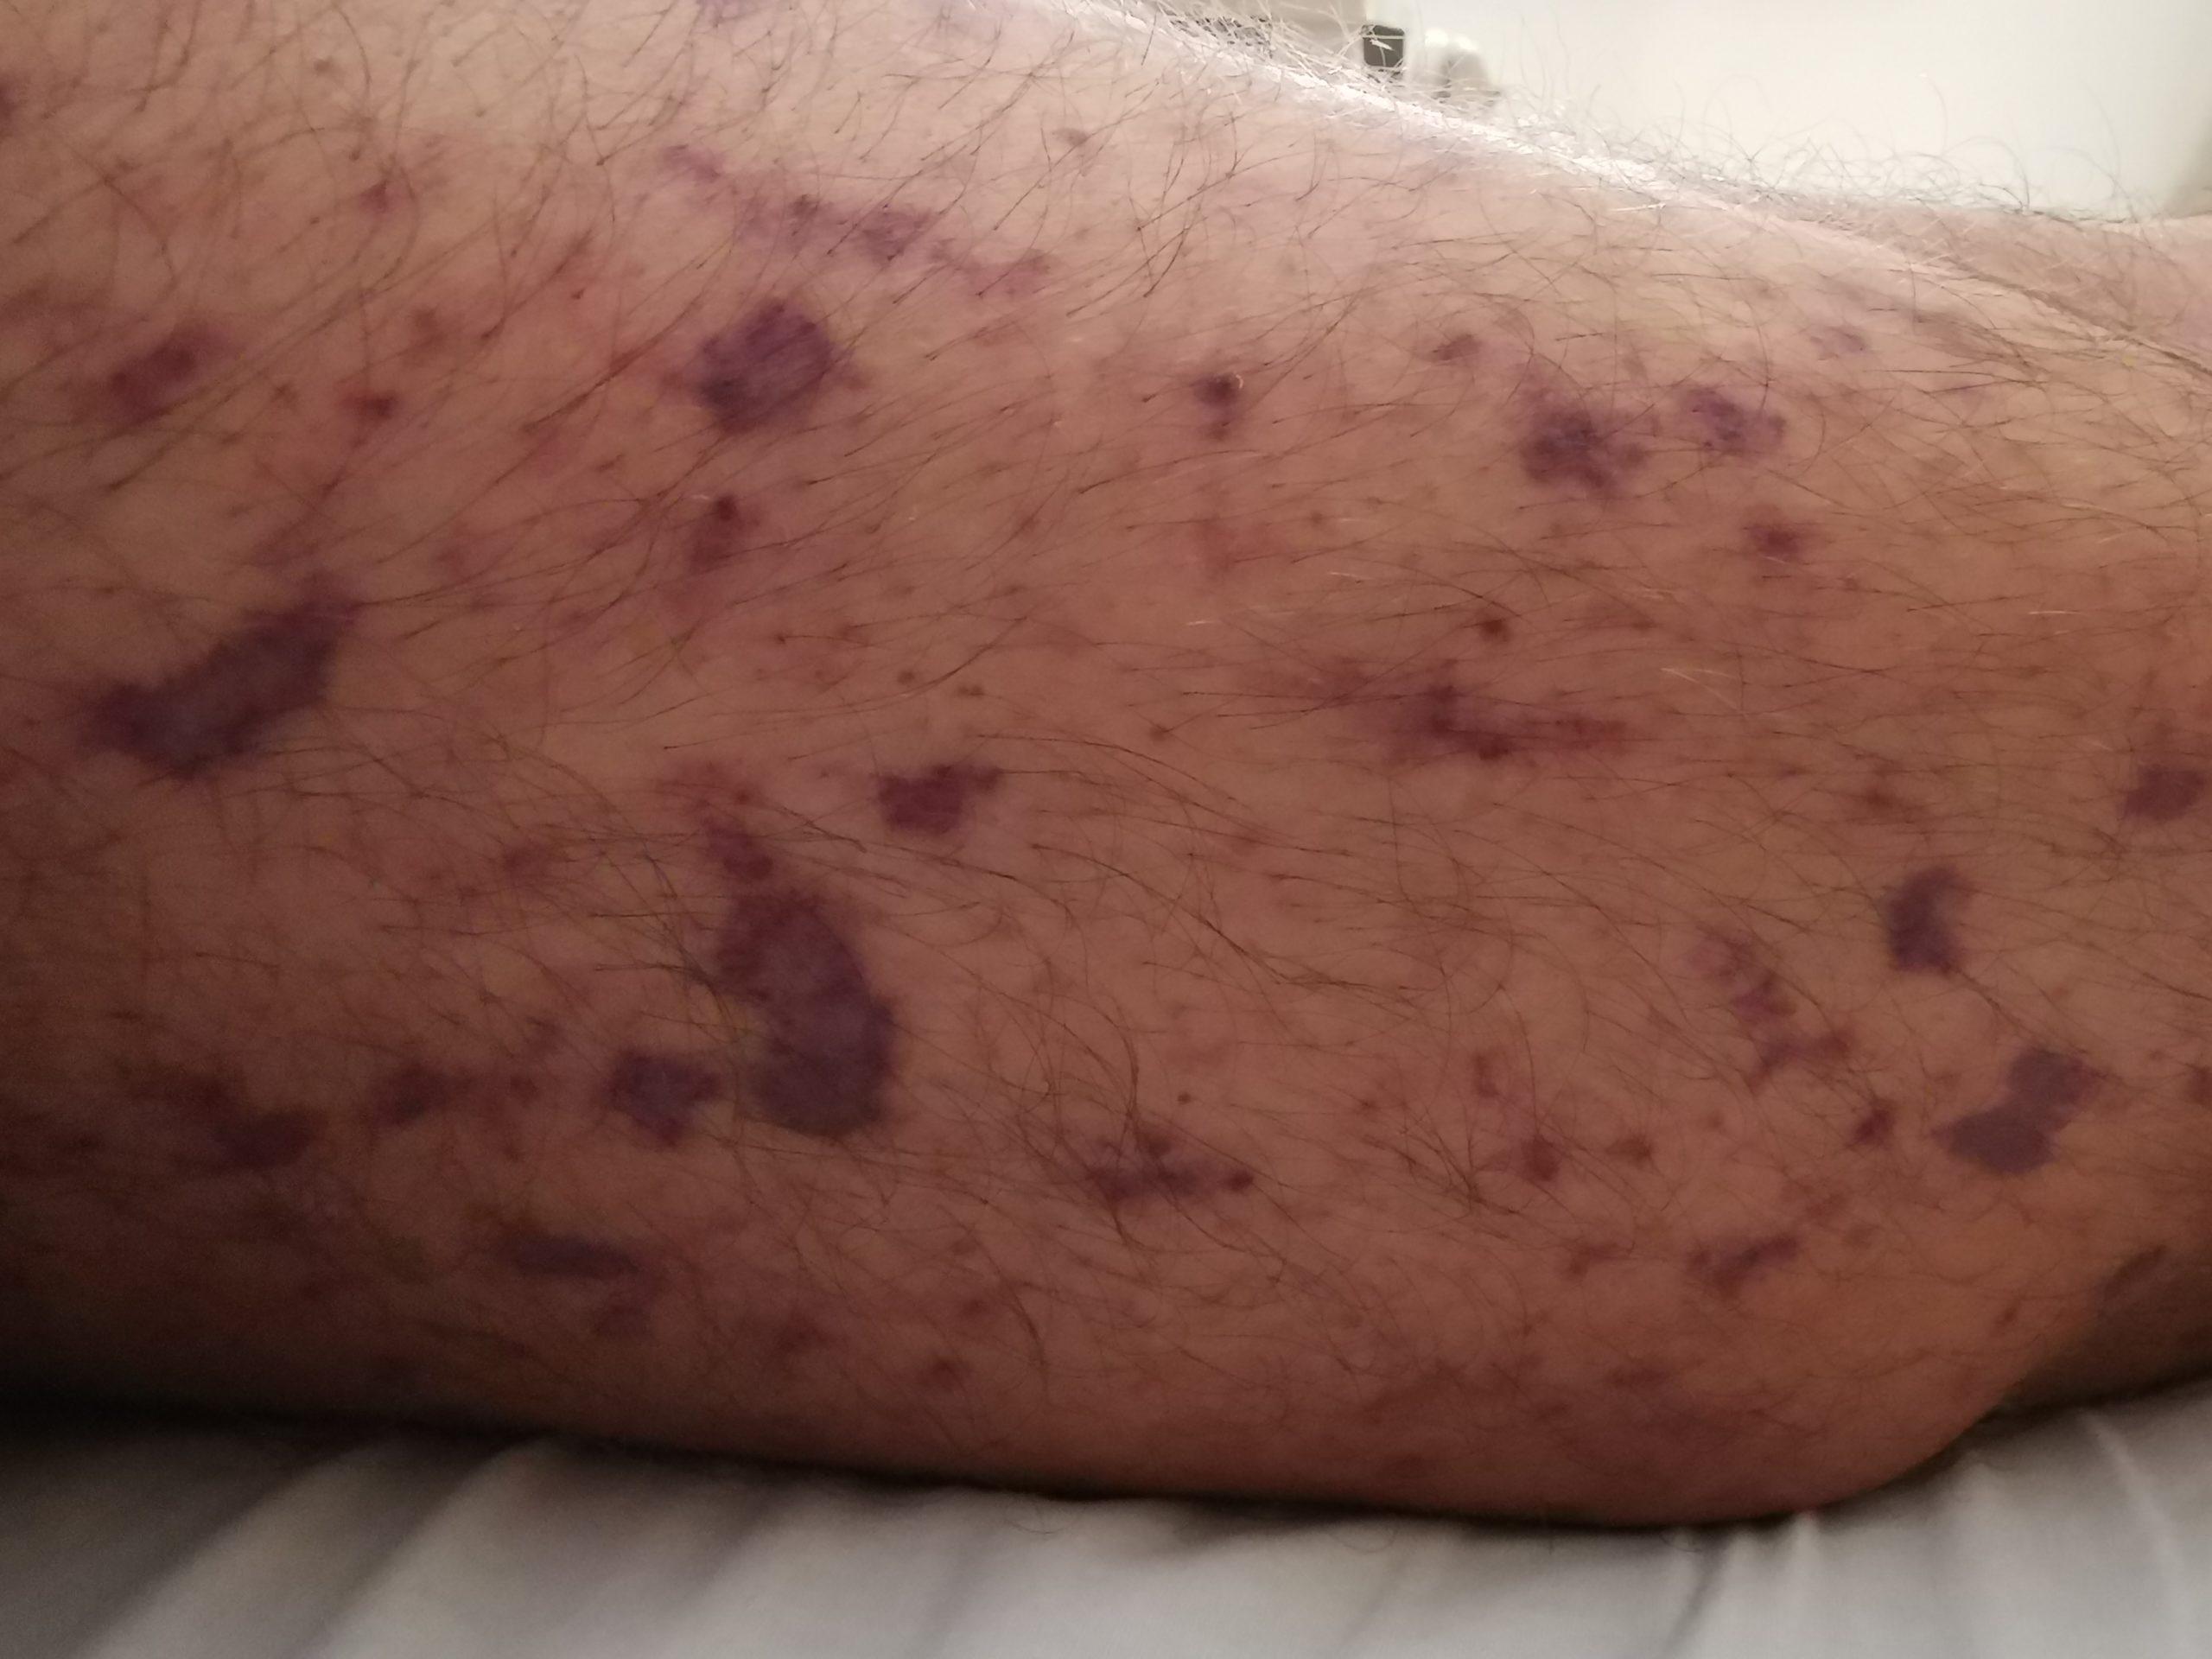 Meningokokken-Meningitis